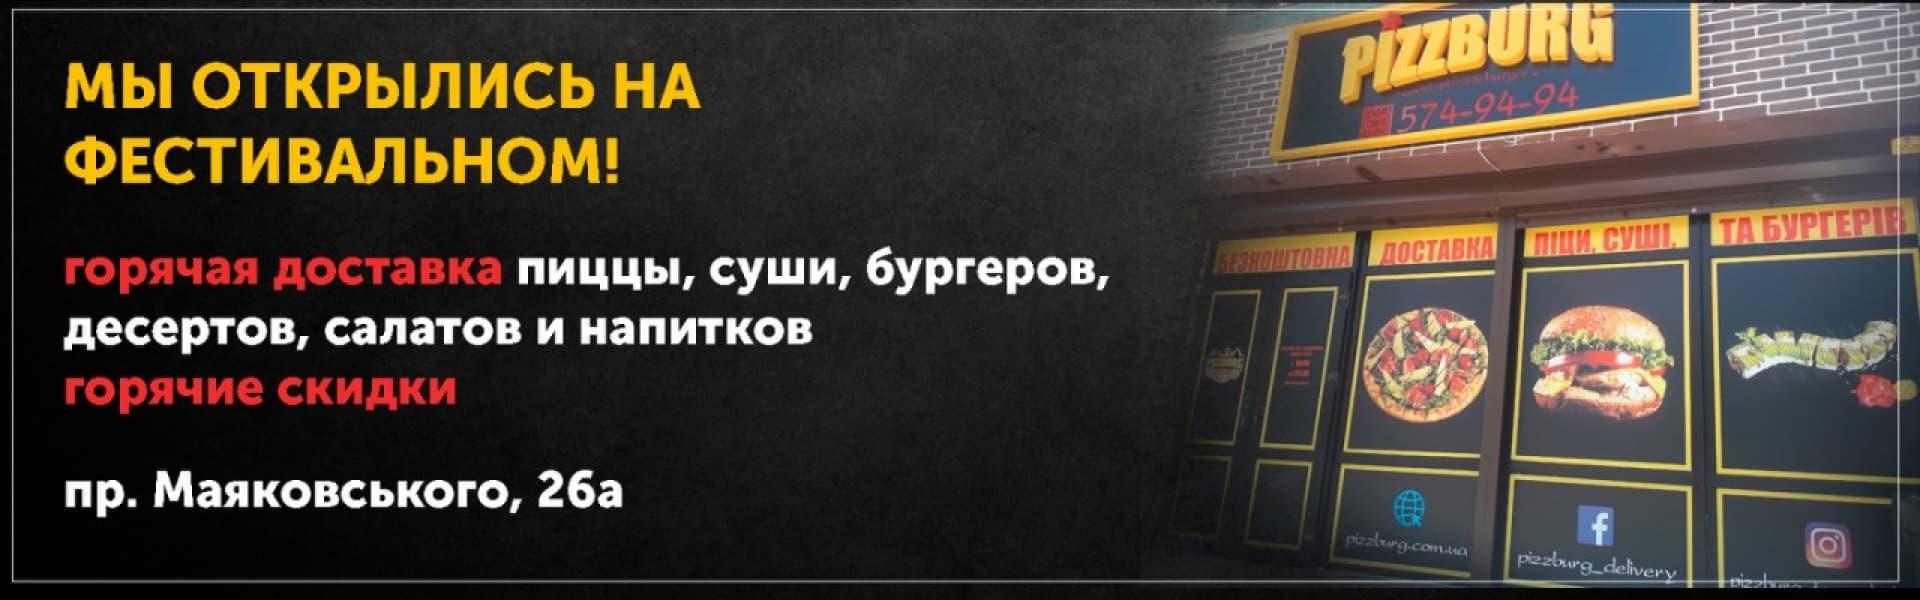 1 ИЮНЯ ОТКРЫТИЕ НА МАЯКОВСКОГО 26А!